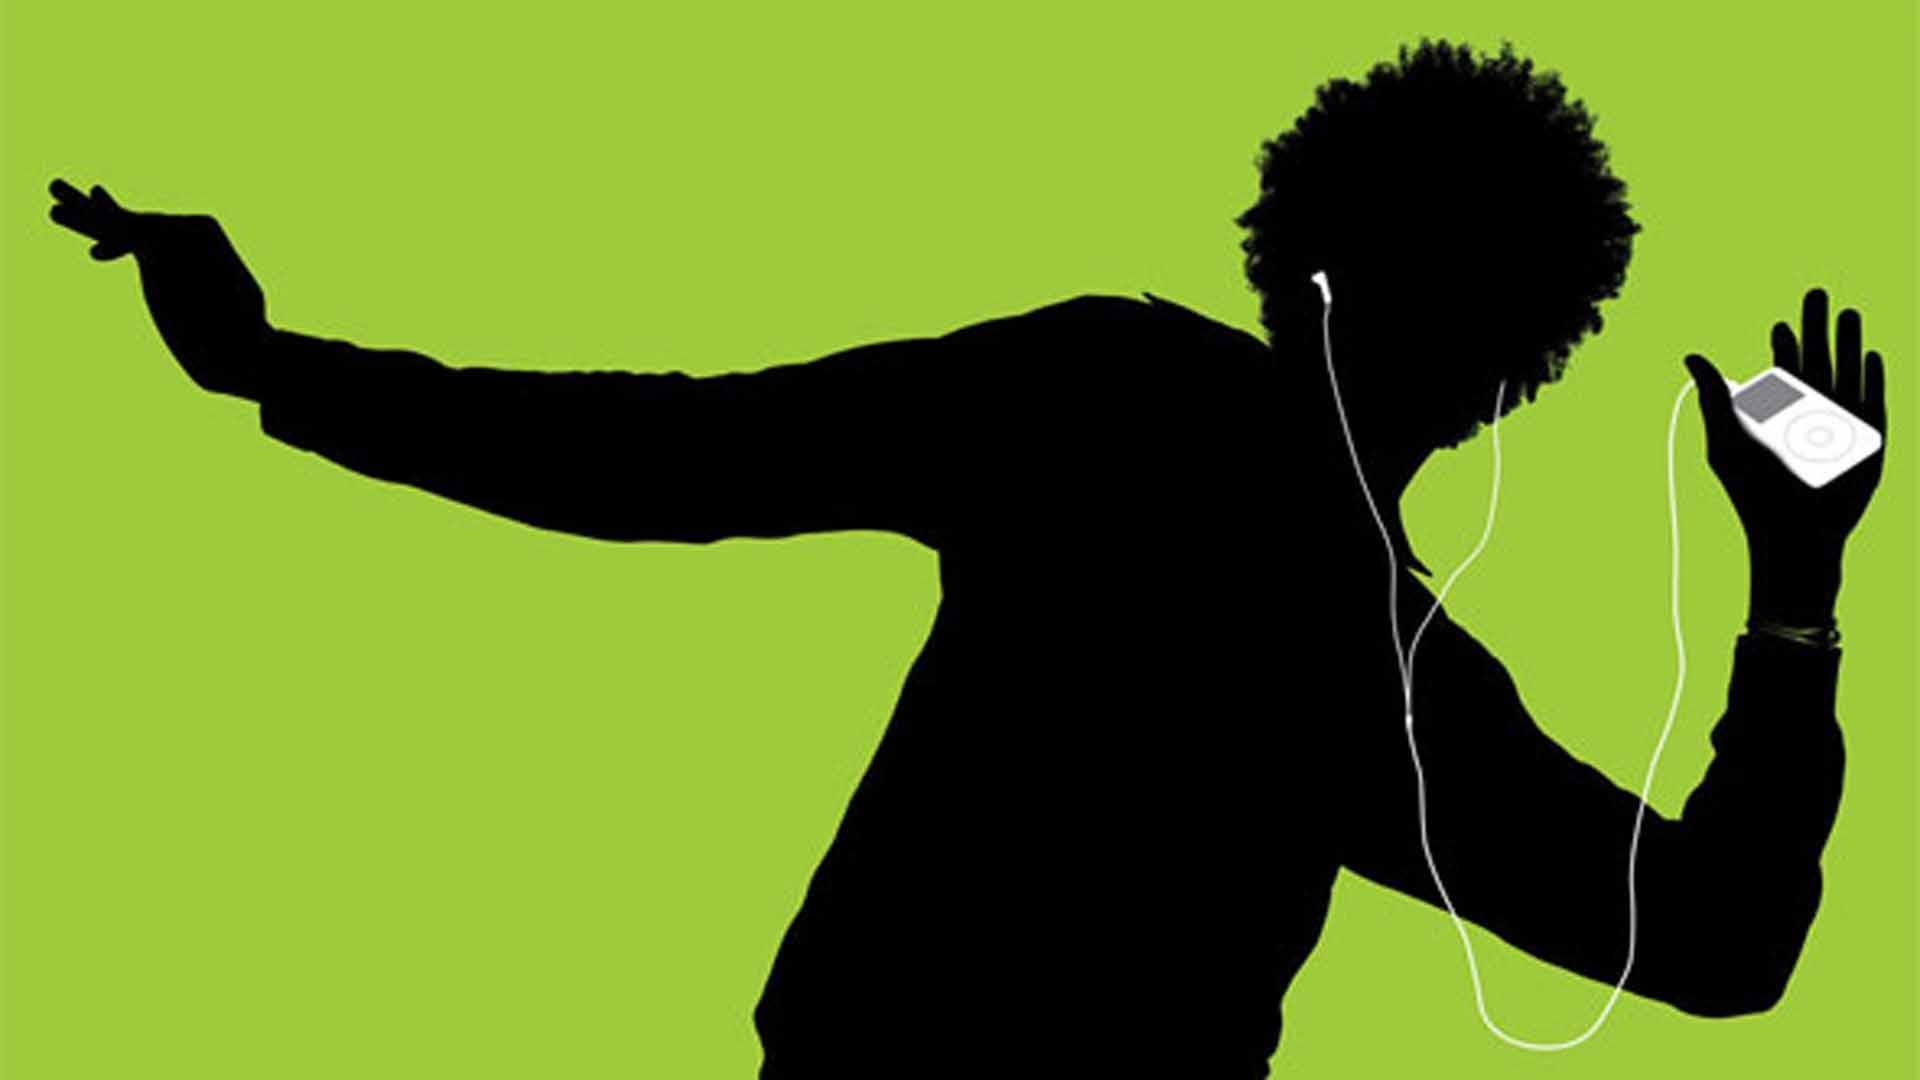 apple music tiene mas de 11 millones de usuarios registrados en su servicio de streaming